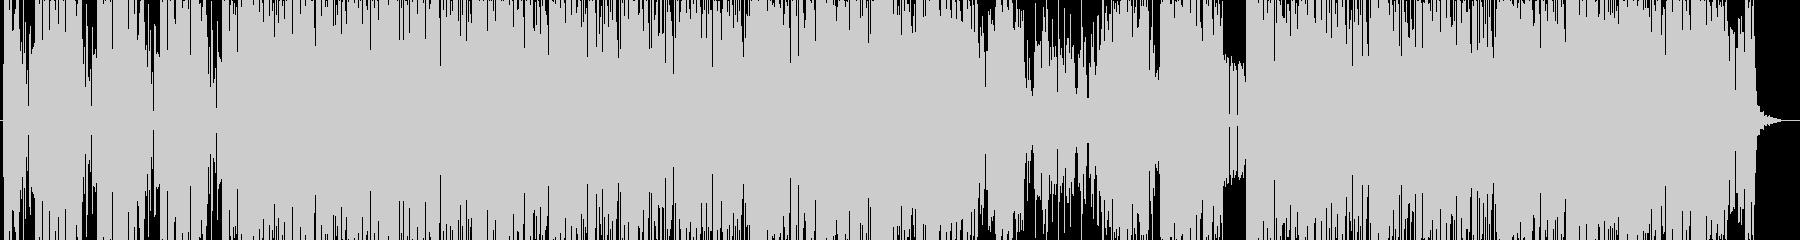 スラップベースがメインのロック曲です。の未再生の波形